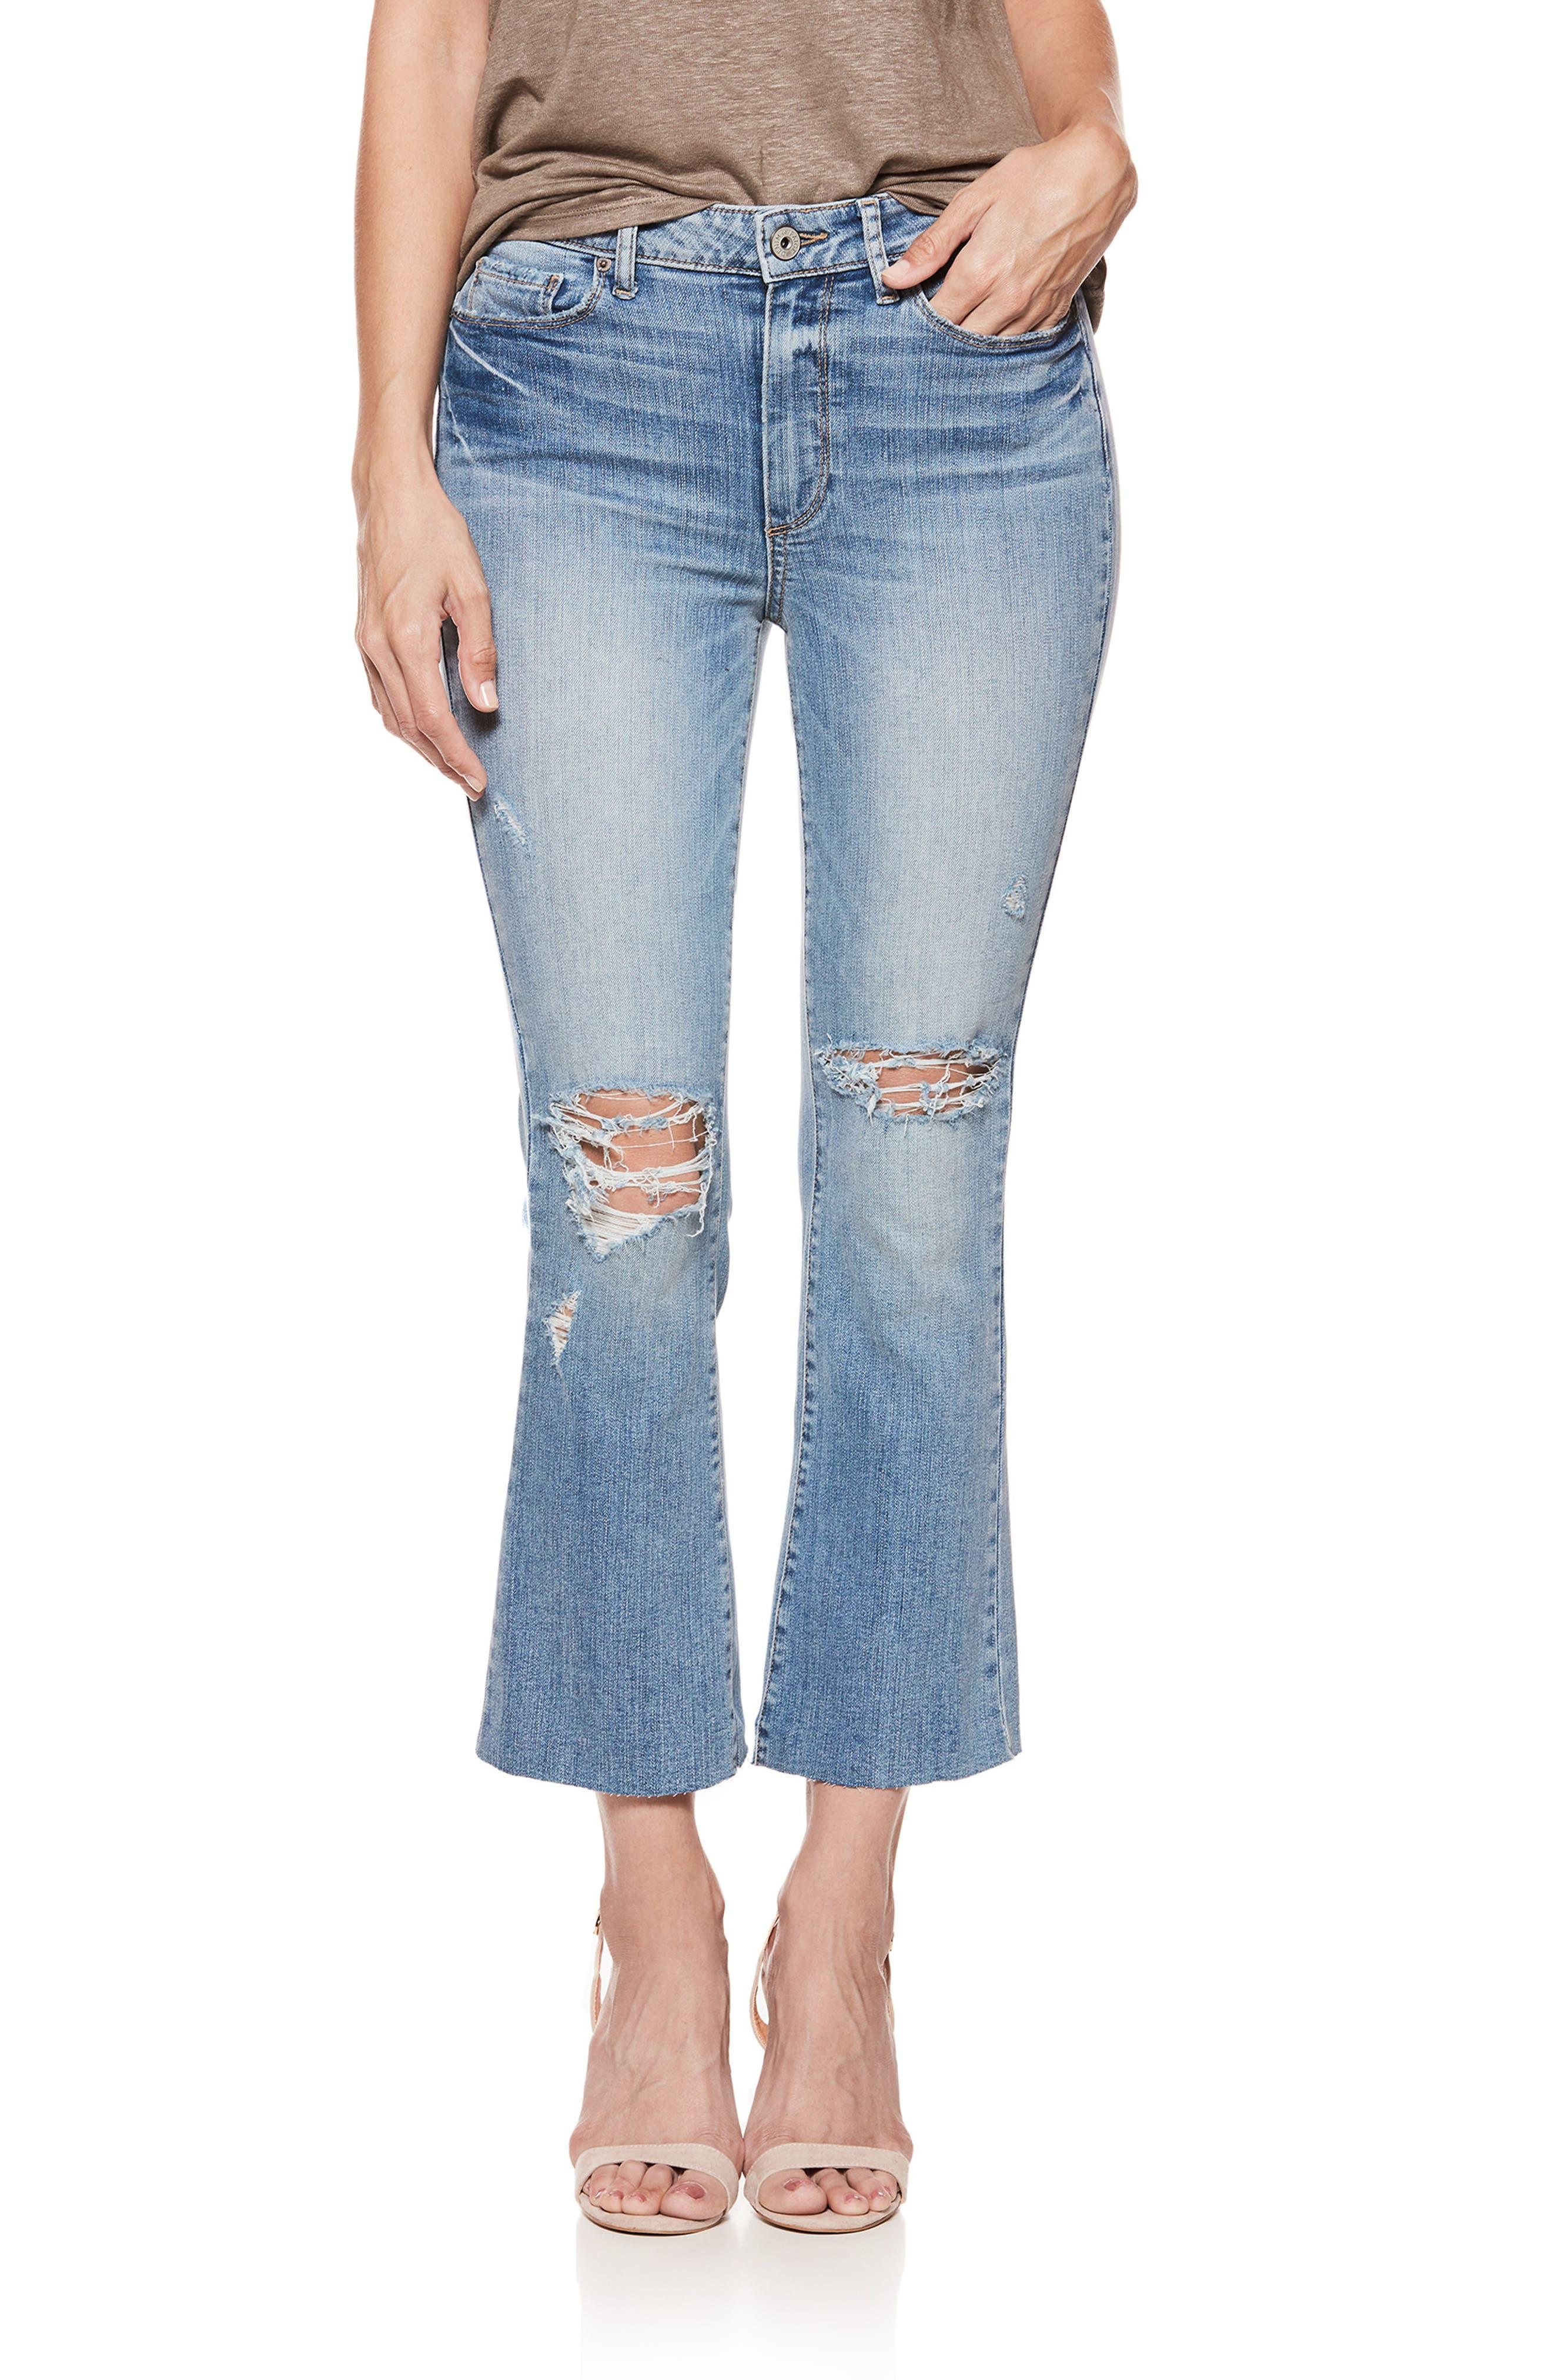 Colette High Waist Crop Flare Jeans,                             Main thumbnail 1, color,                             Janis Destructed